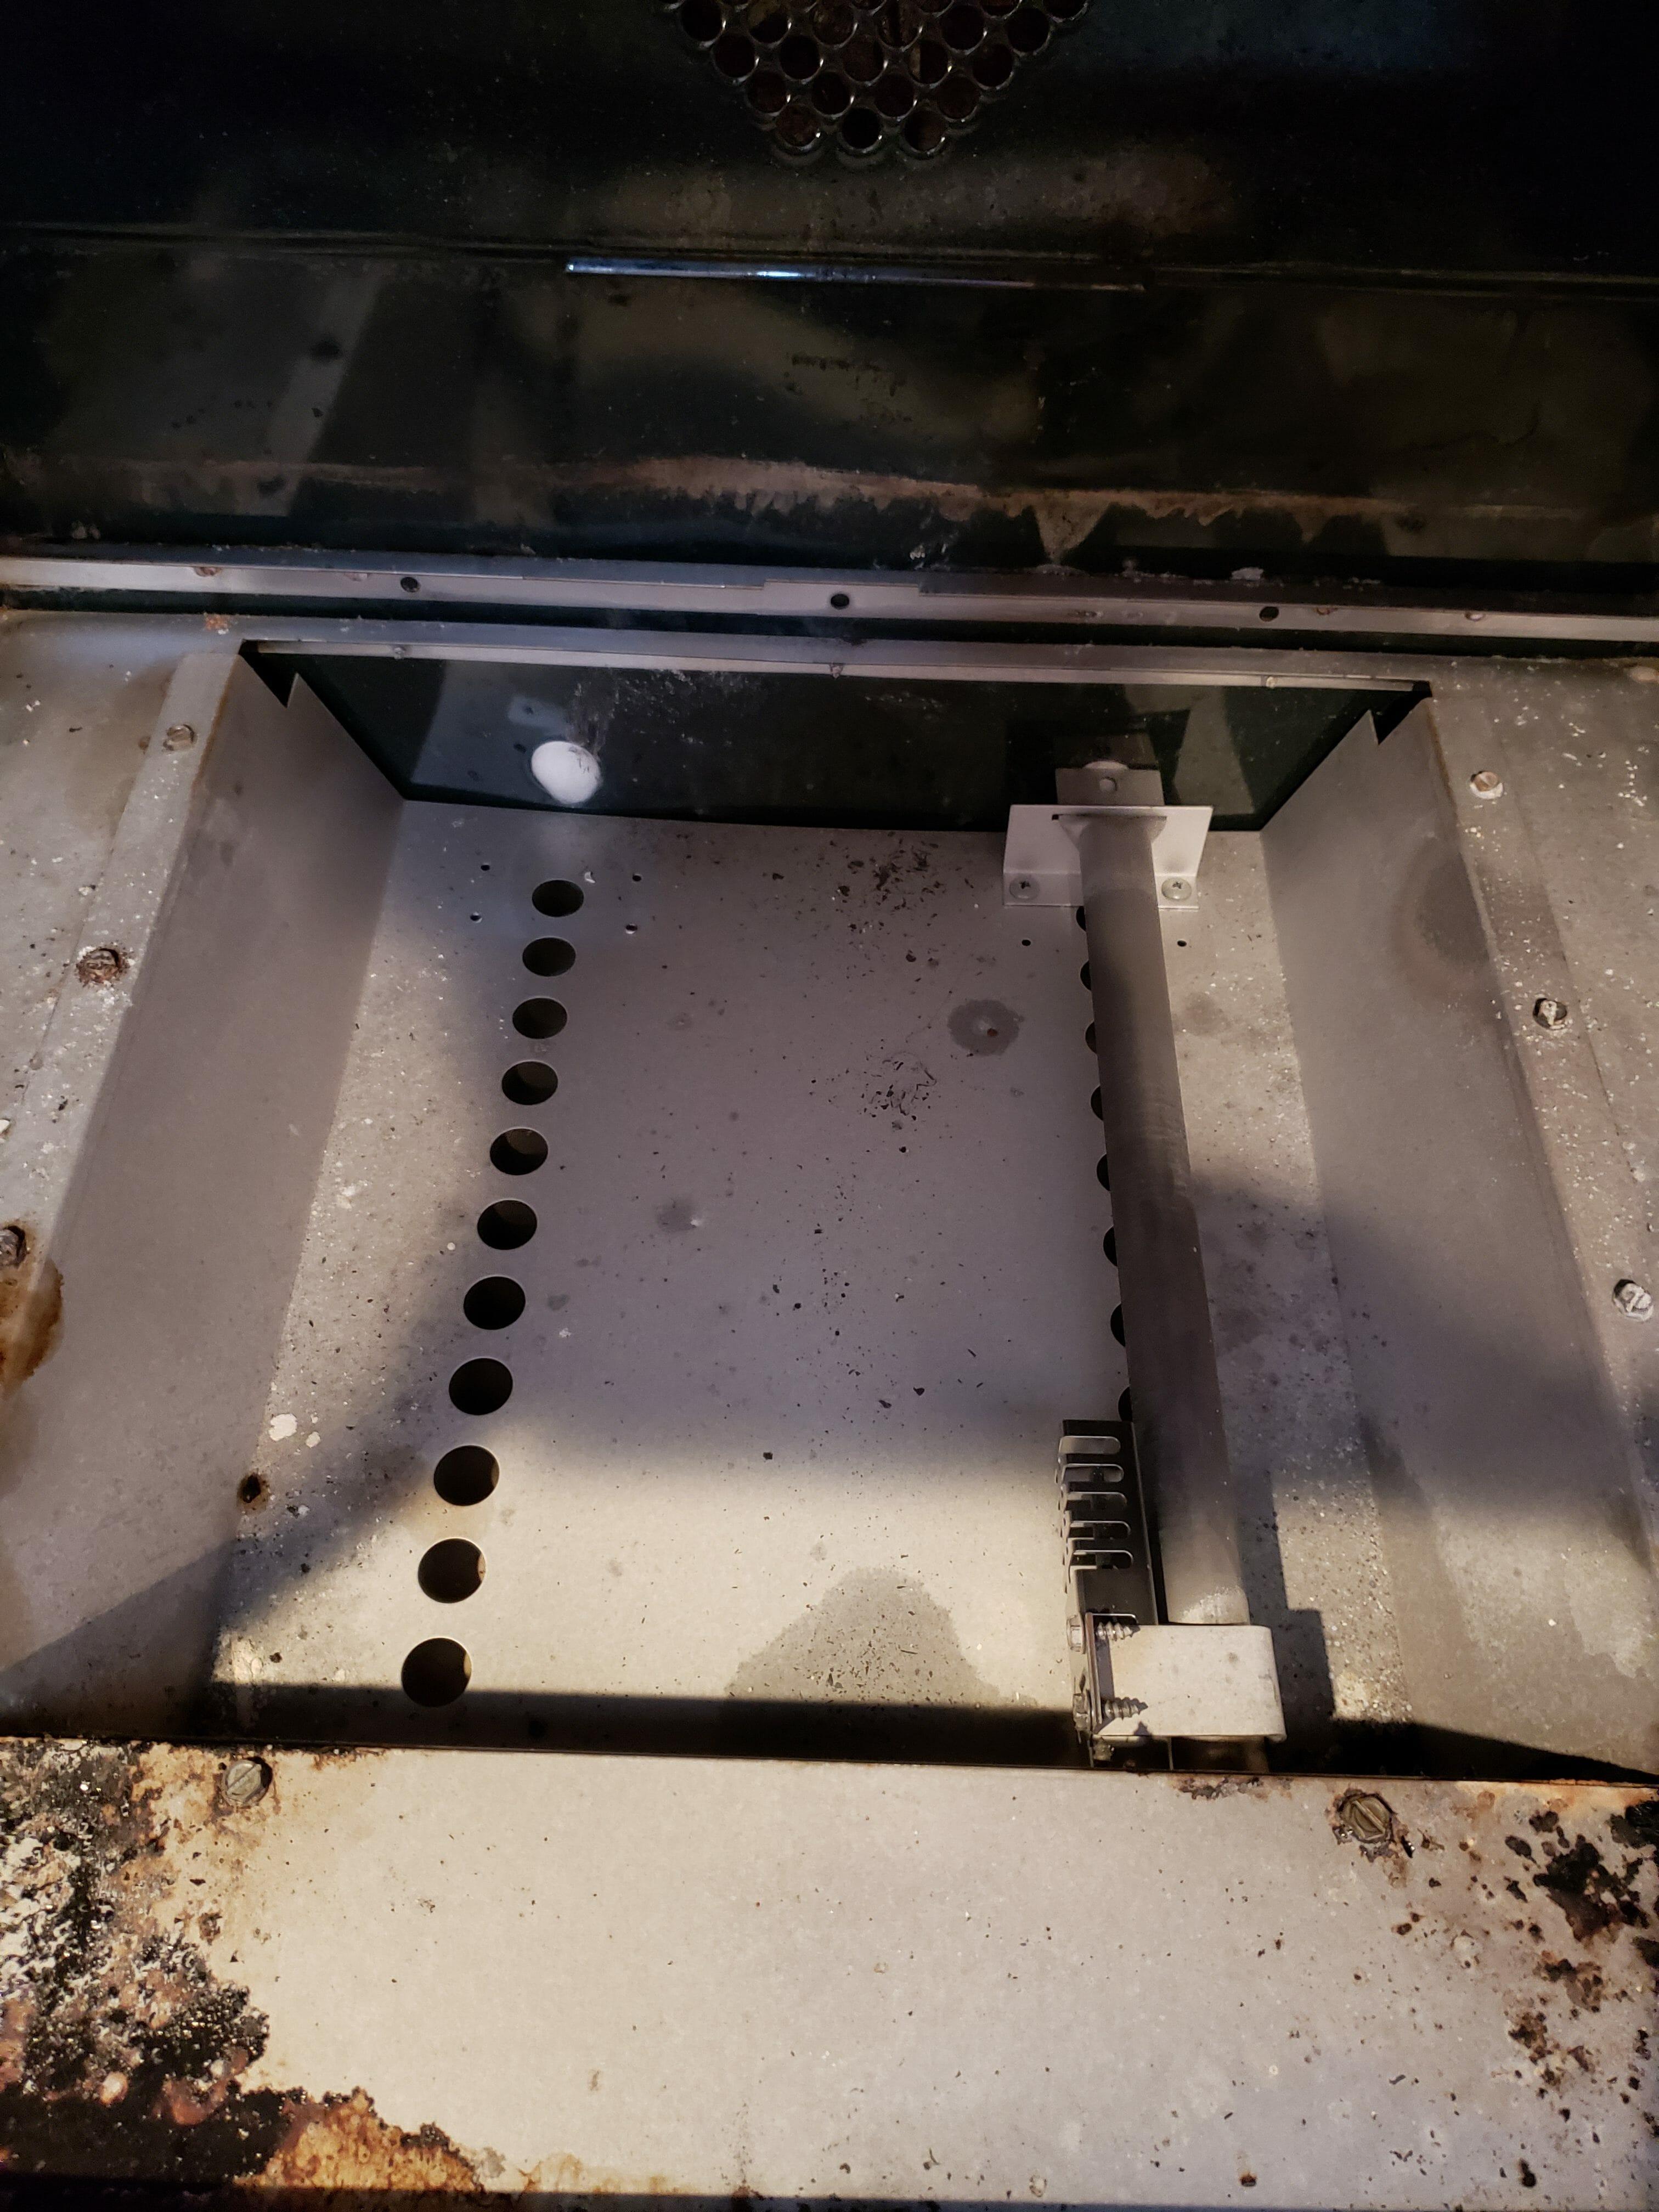 Viking Vgic3054bss Range Oven Was Not Heat Up Repair